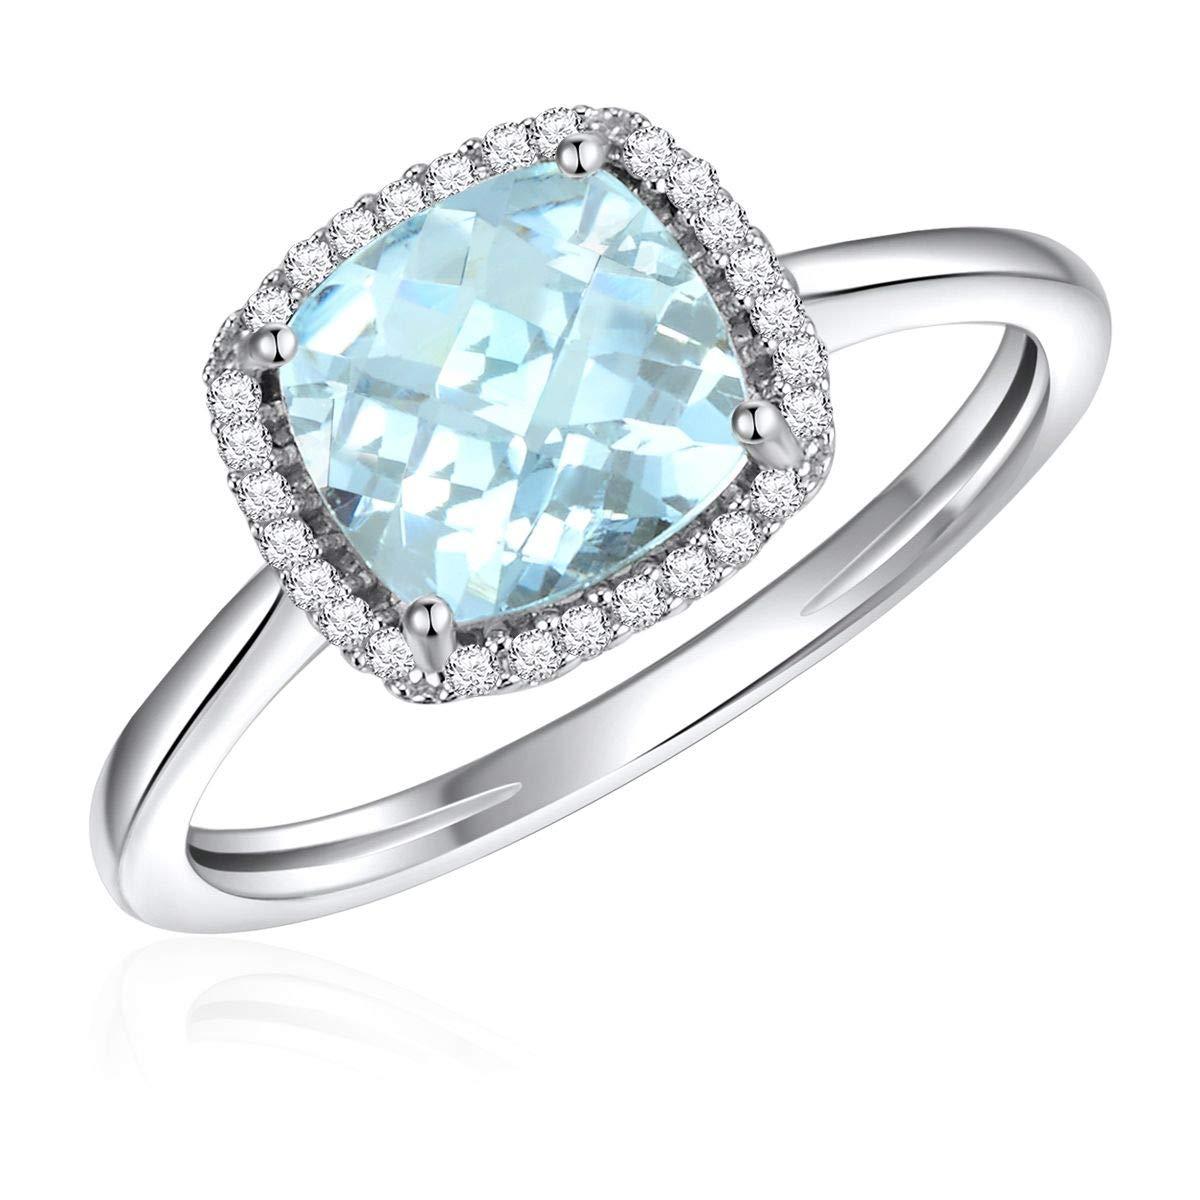 14 Karat - White Gold New arrival Ladies Semi 55% OFF Ring Gem Aquama Precious